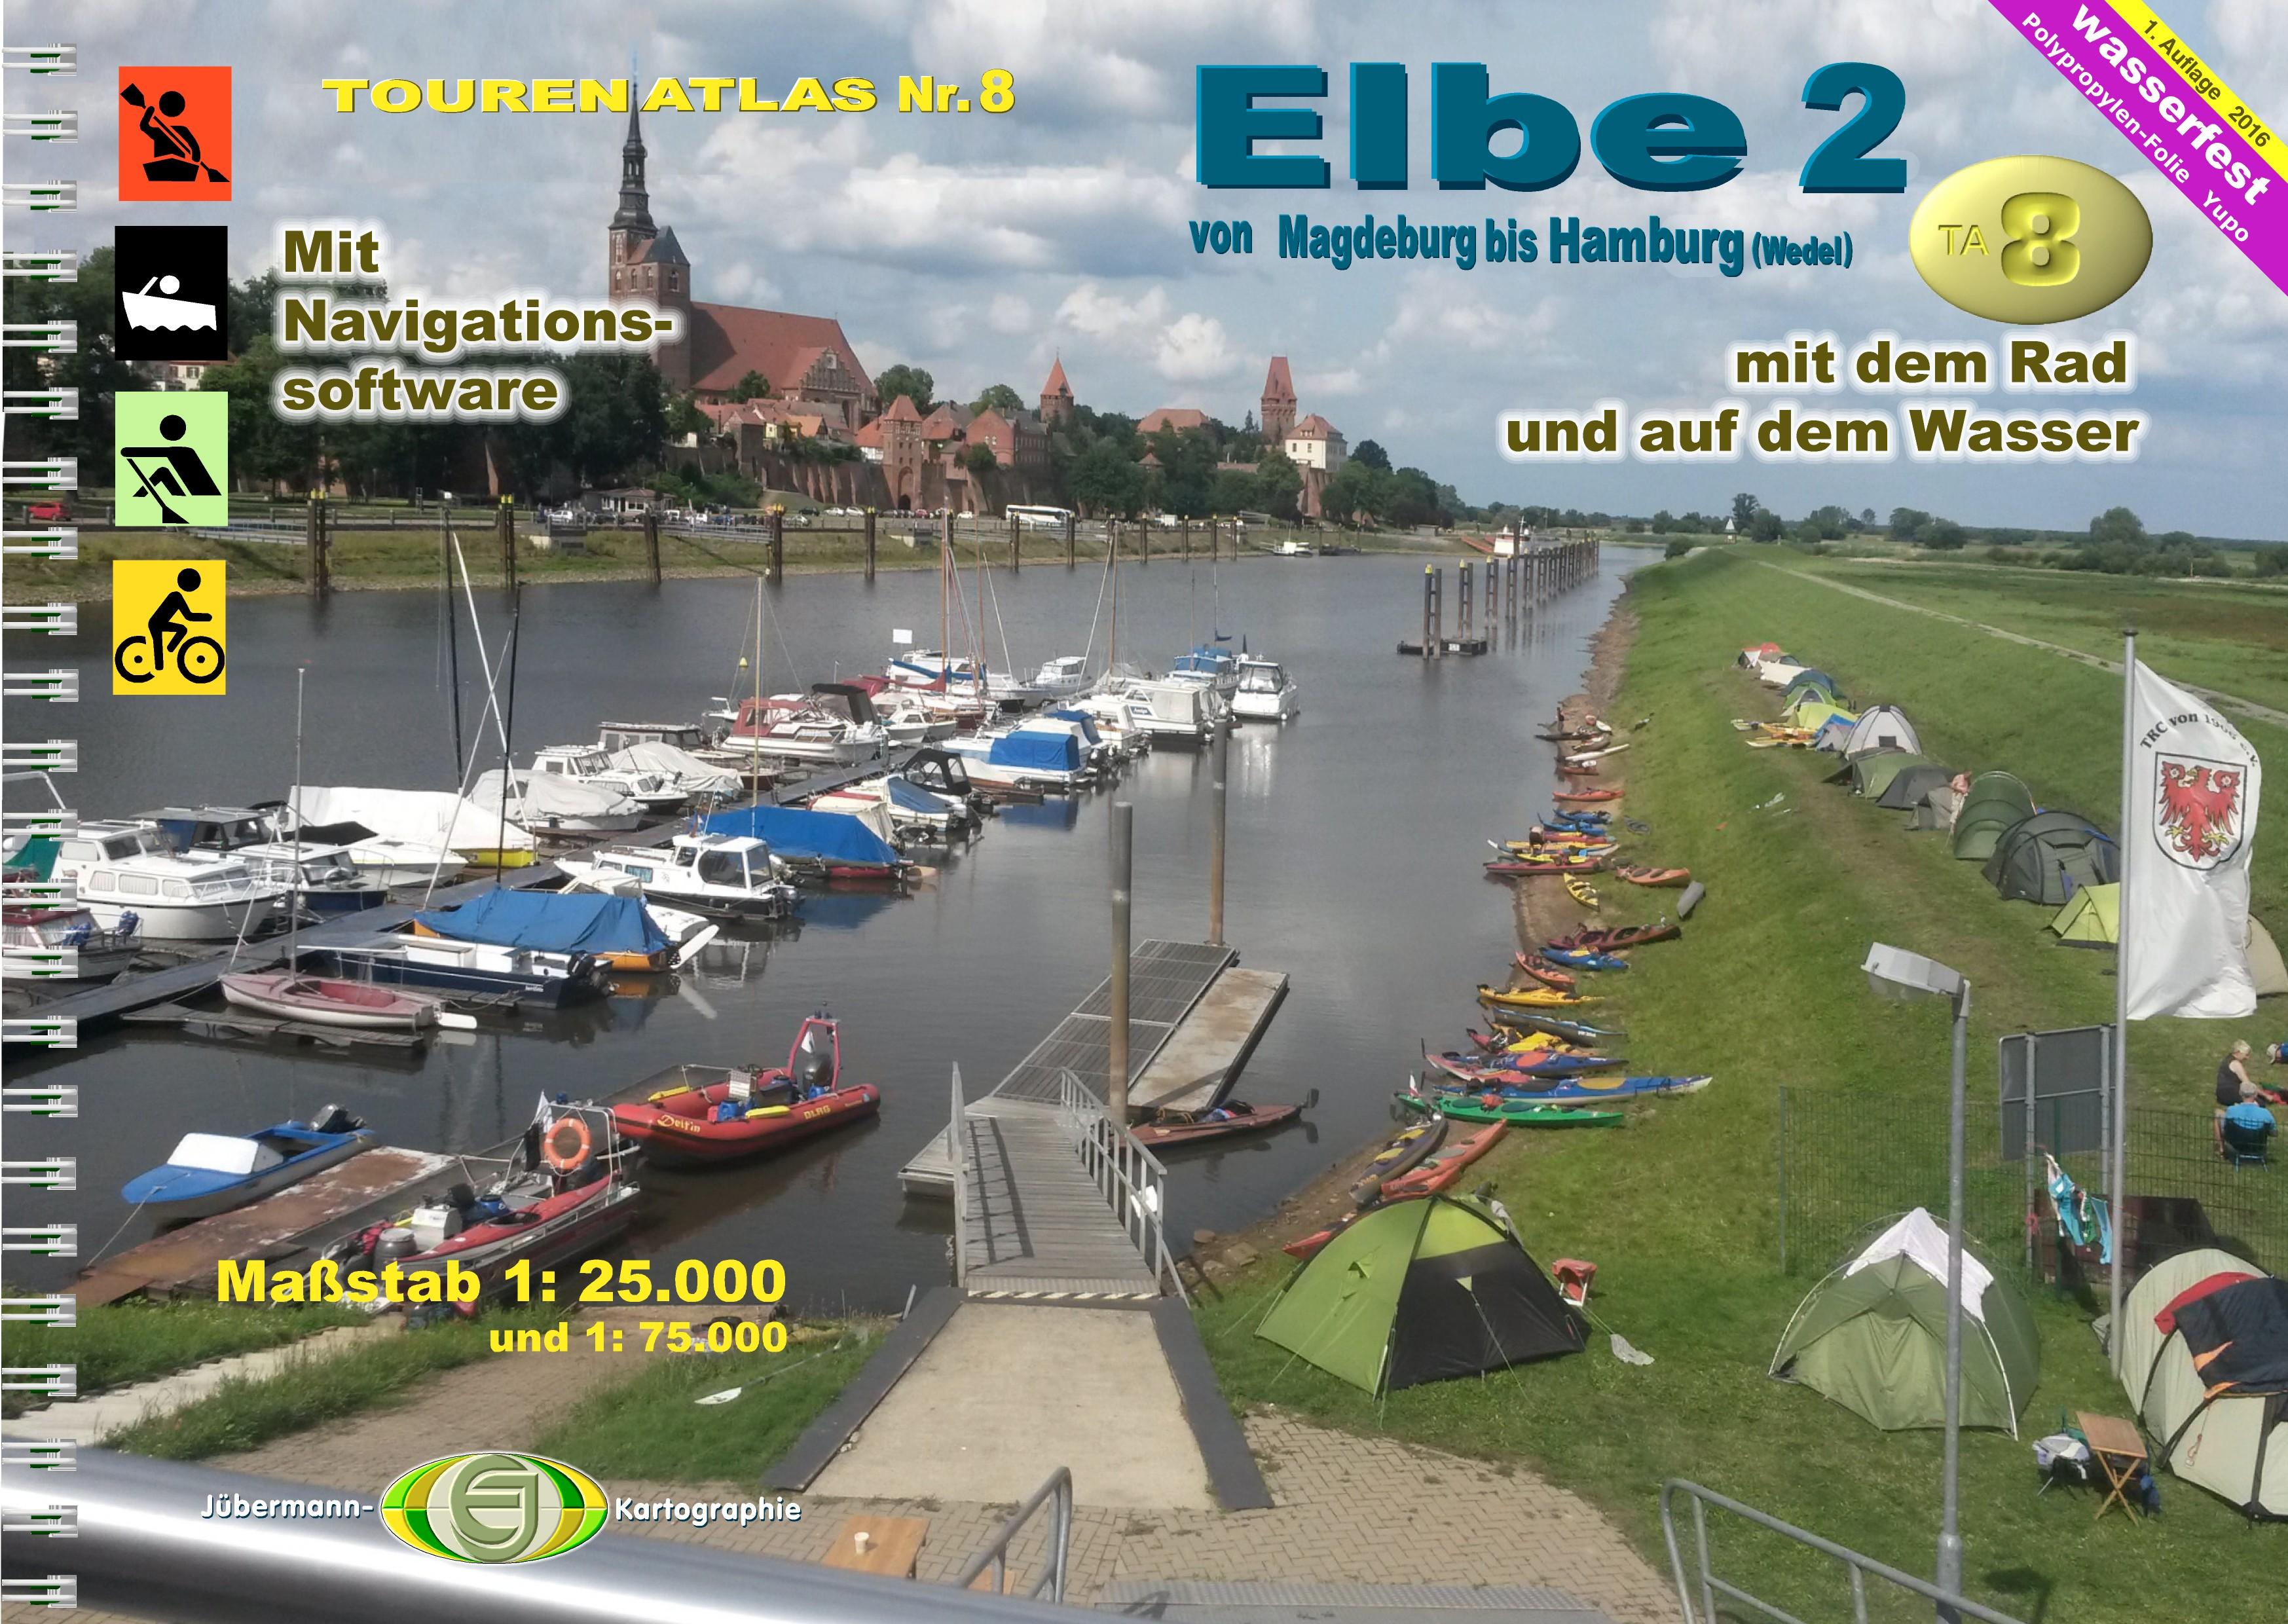 TourenAtlas 08  Elbe-2 von Magdeburg bis Hamburg,